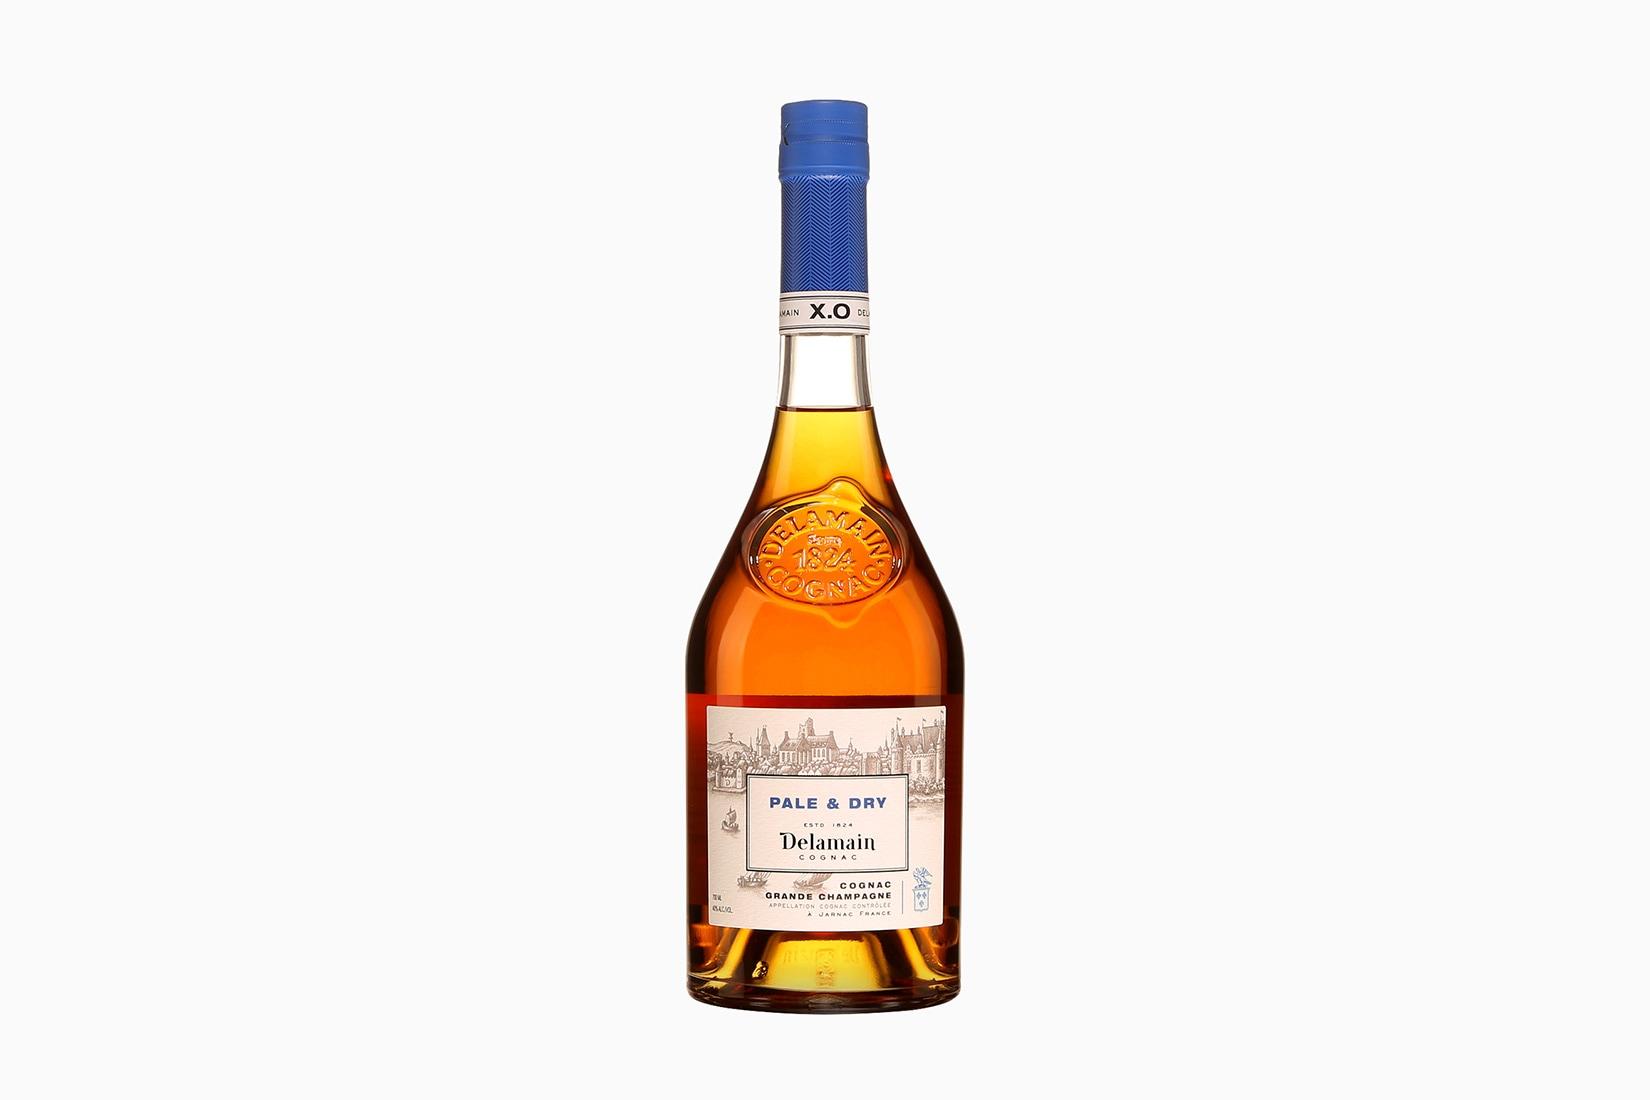 best brandy cognac brands delamain - Luxe Digital